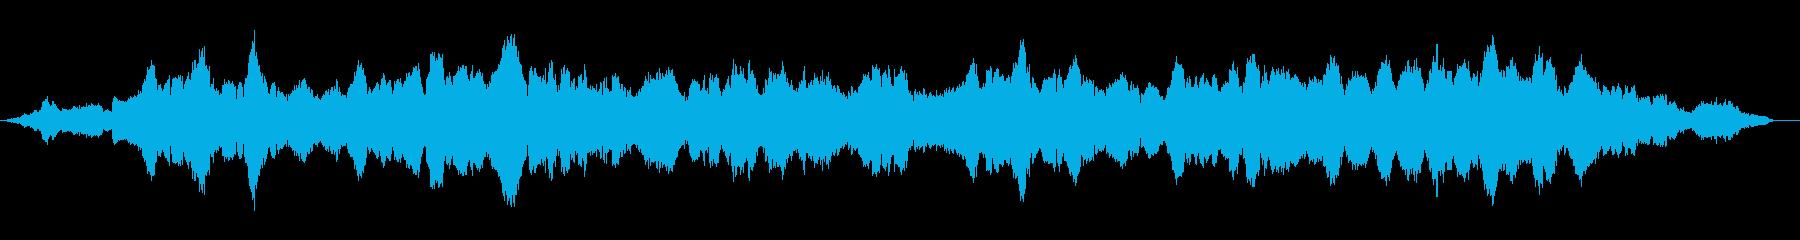 中華、心情、儚くゆったりとした曲の再生済みの波形